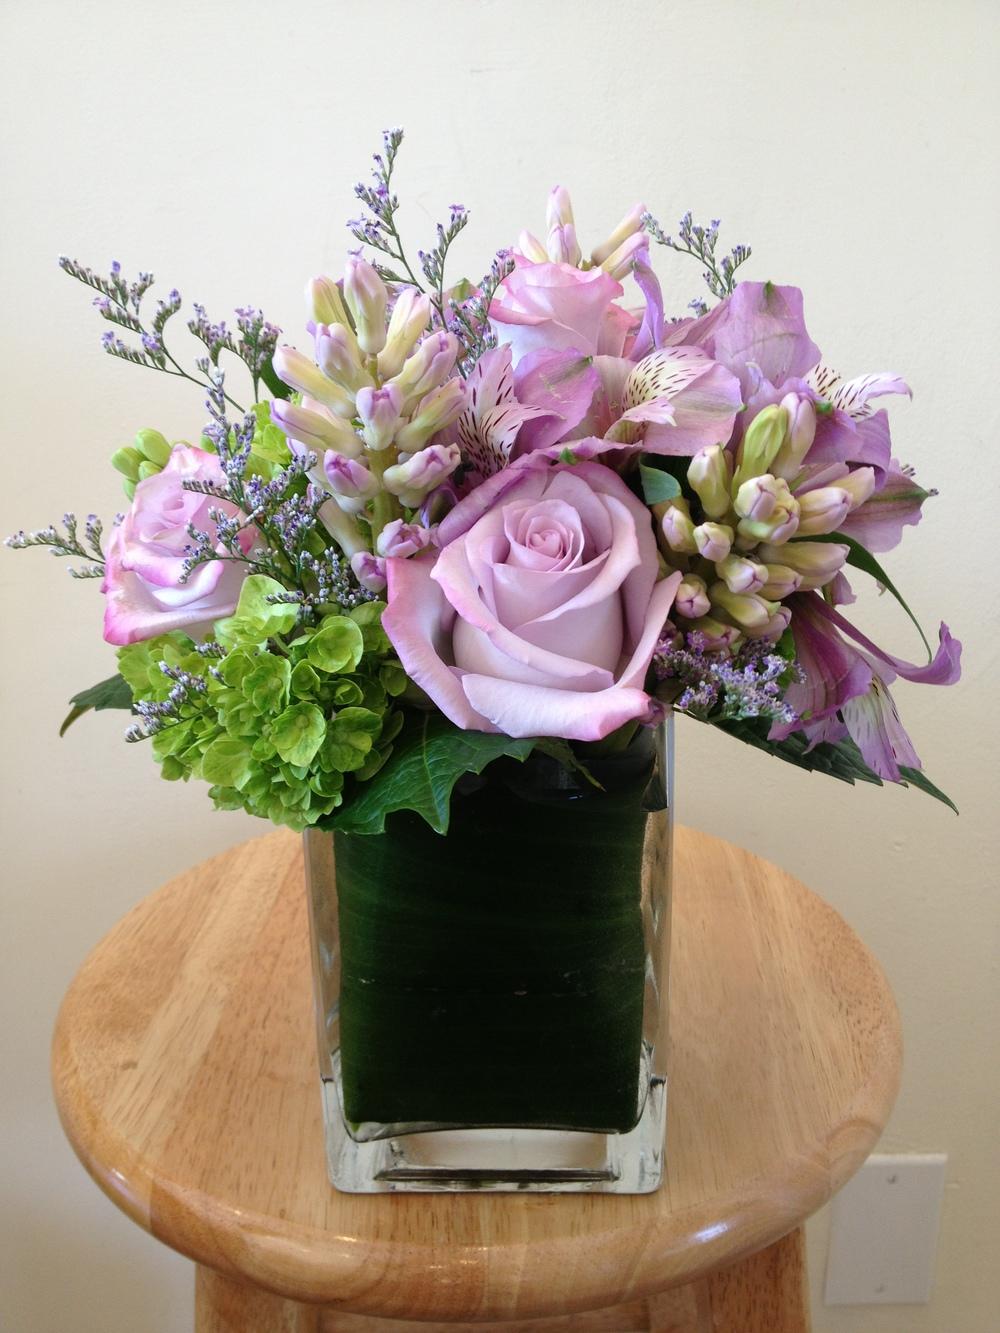 Pembroke Purples - $60